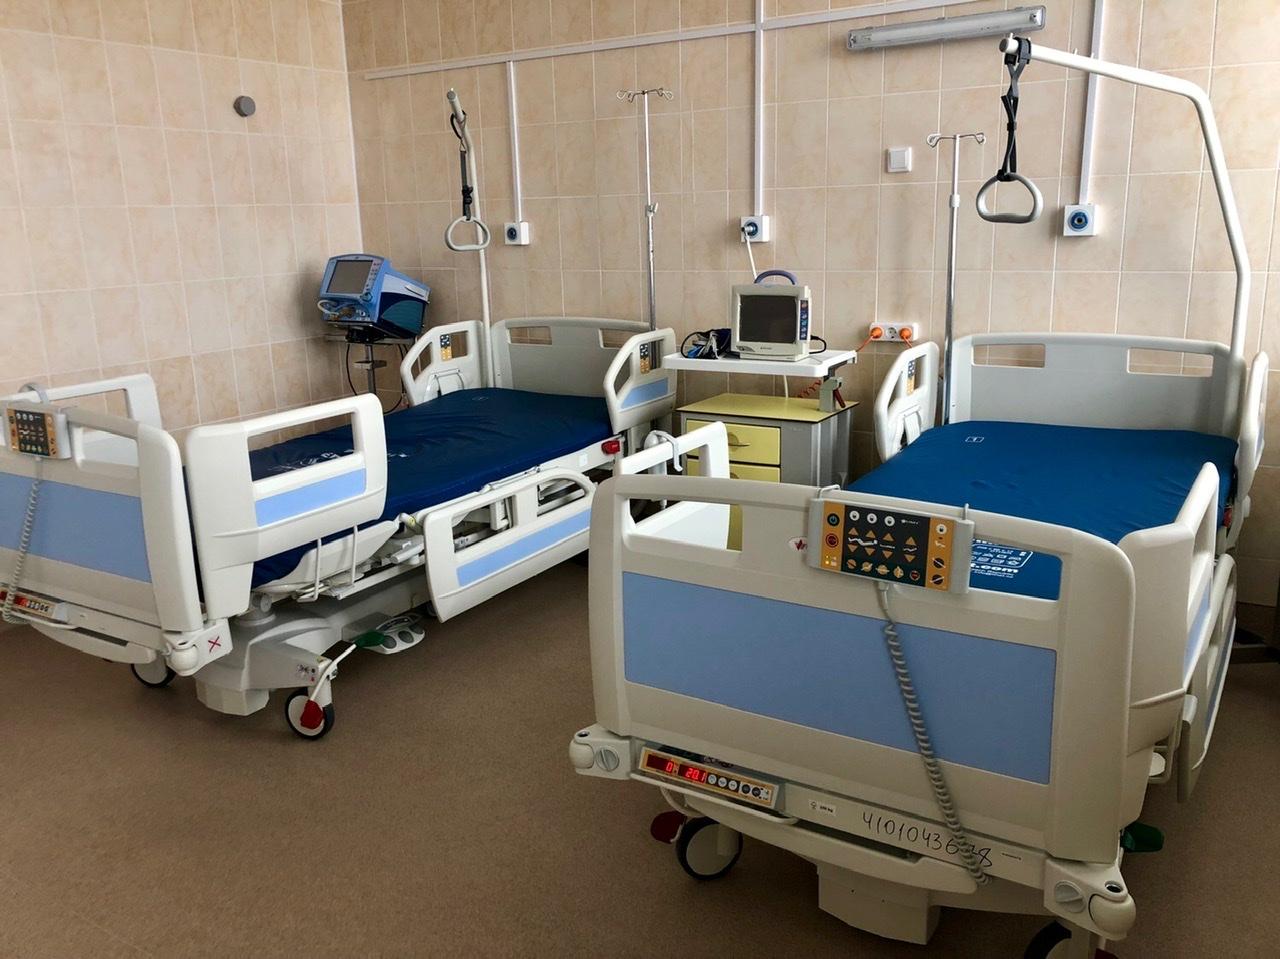 реанимация, койки, больница